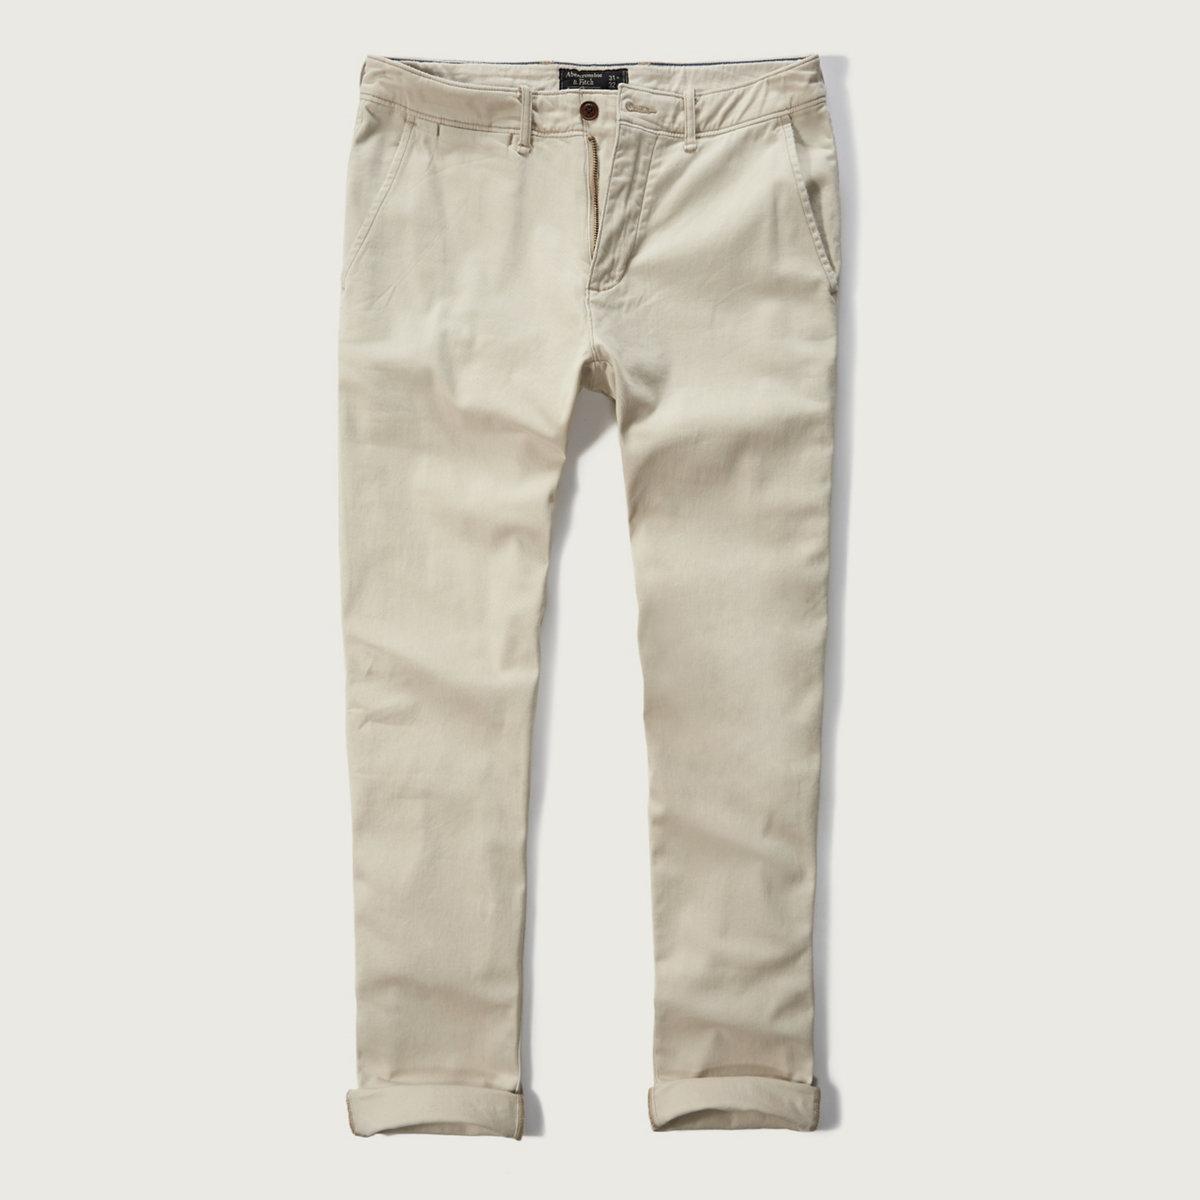 Skinny Chino Pants